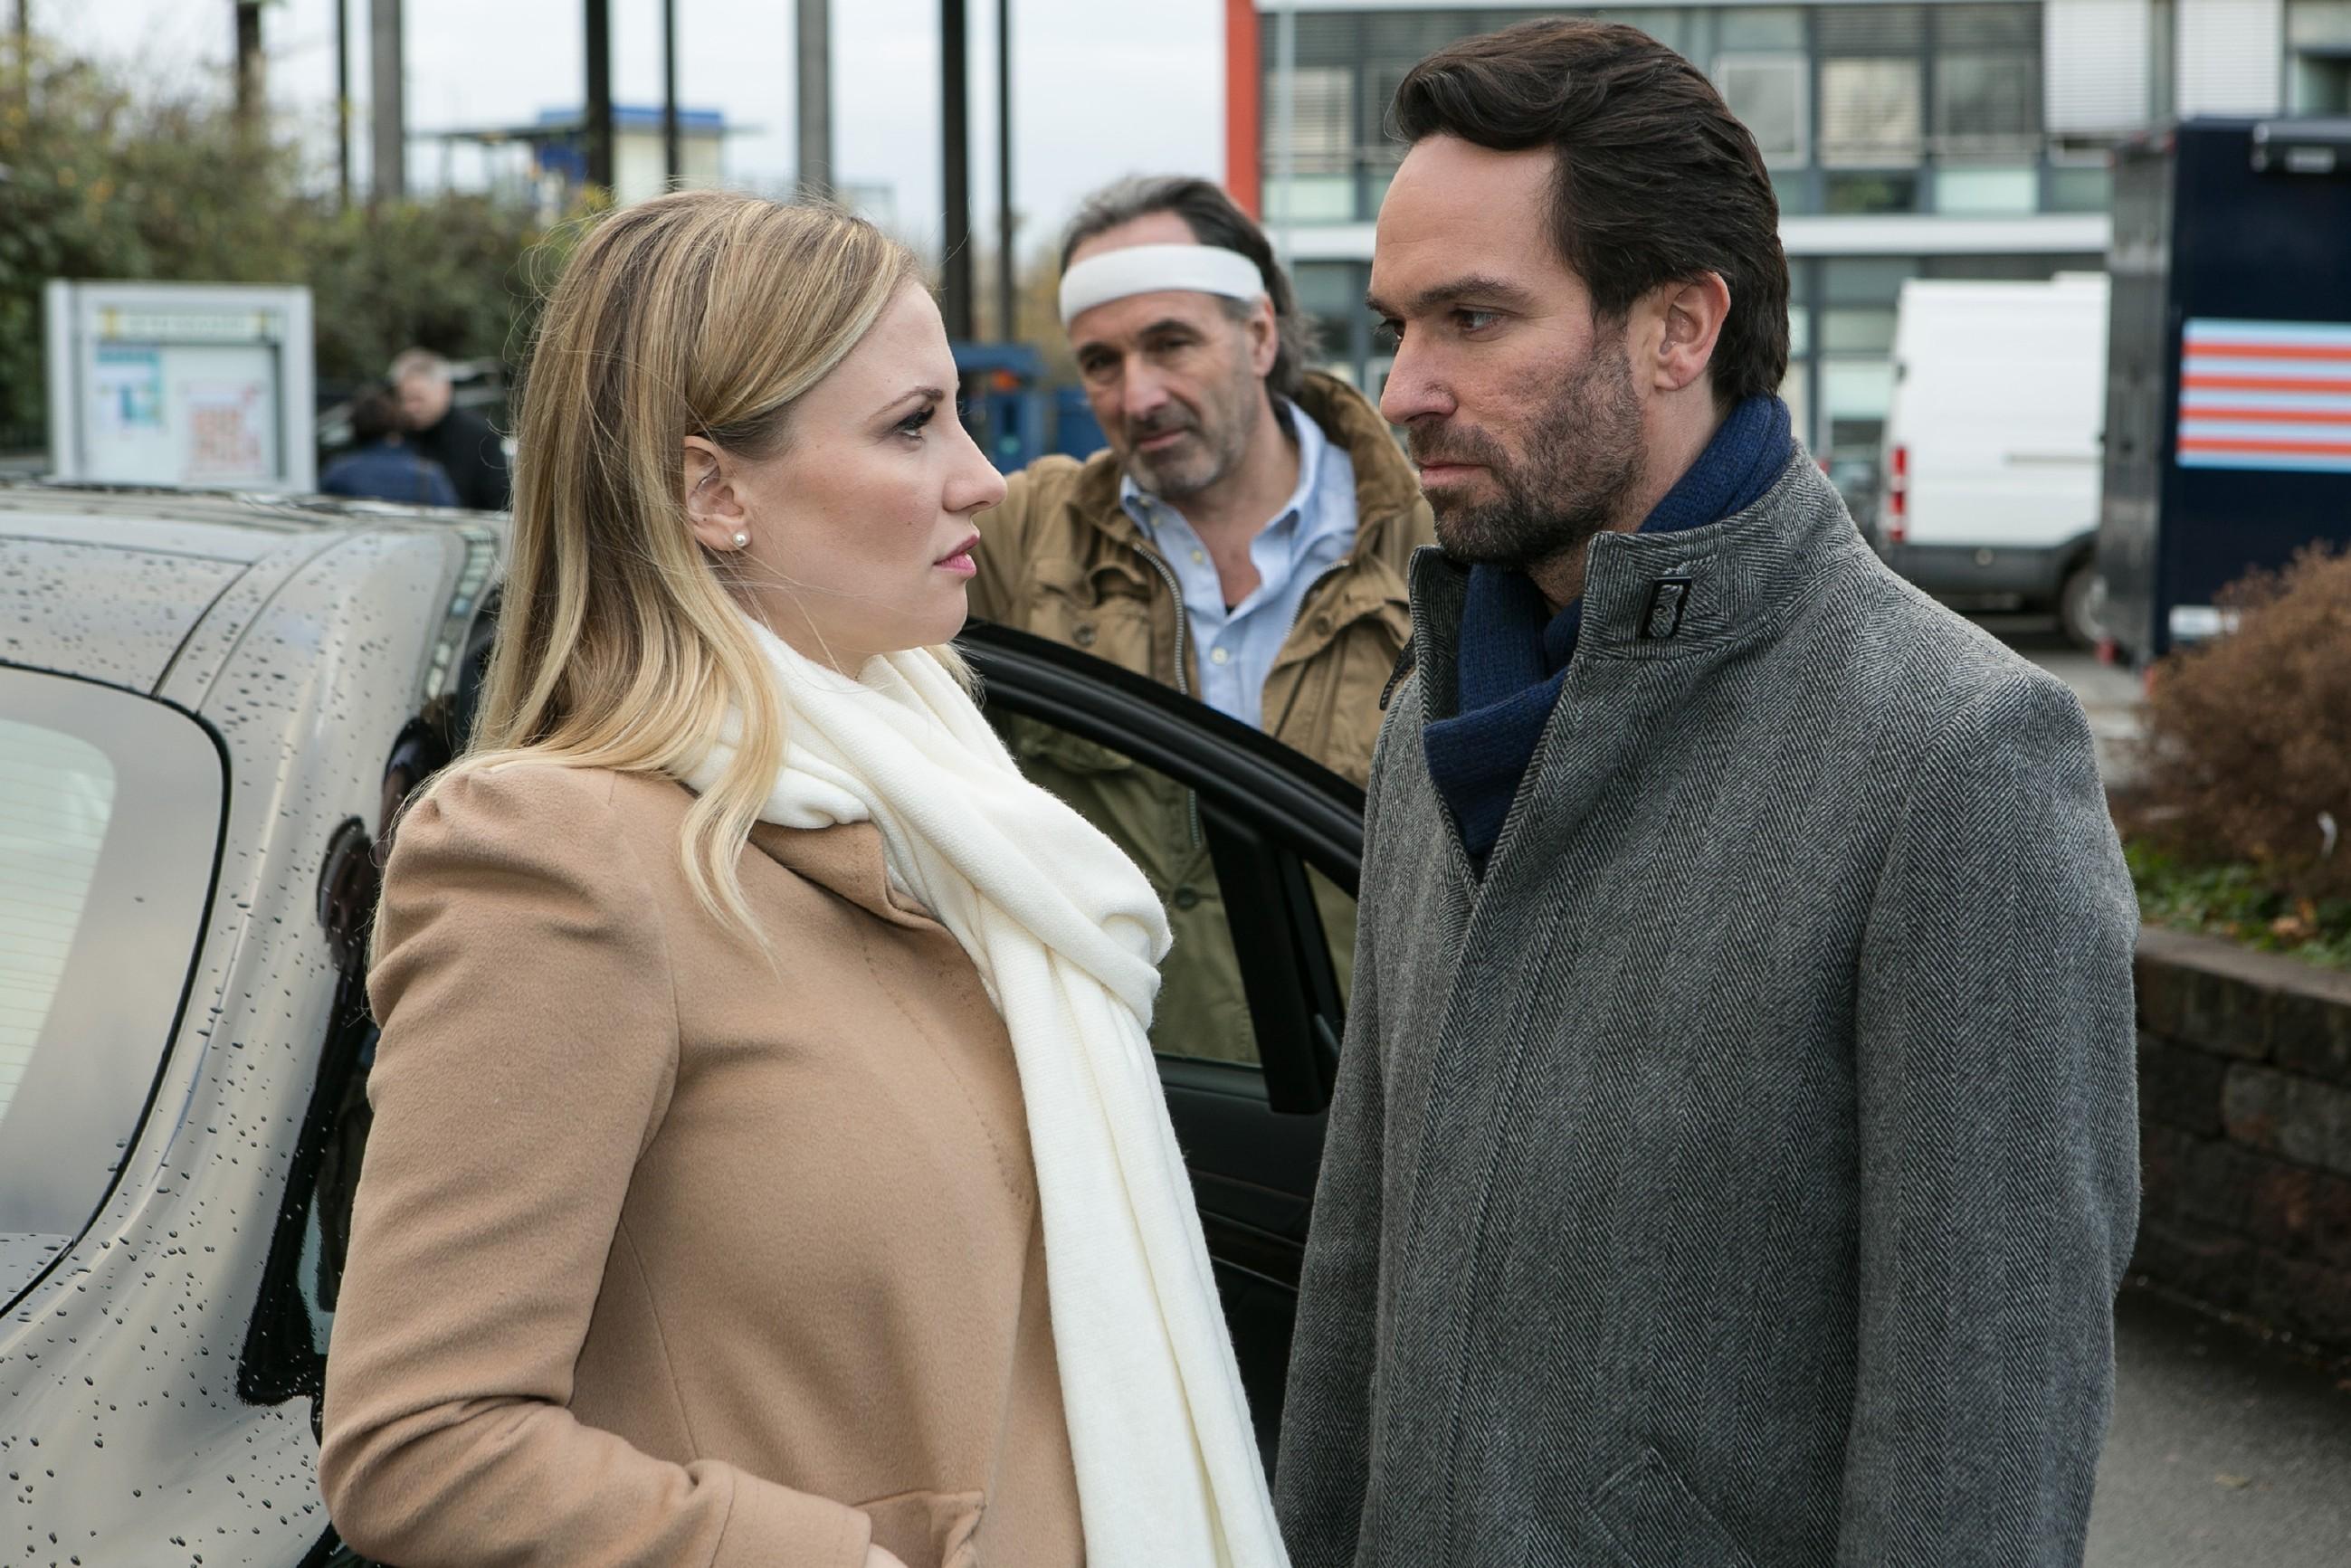 Thomas (Daniel Brockhaus, r.) bittet Isabelle (Ania Niedieck) mit einem emotionalen Appell, nicht mit Johann (Holger Christian Gotha) zu gehen und bei ihm zu bleiben.